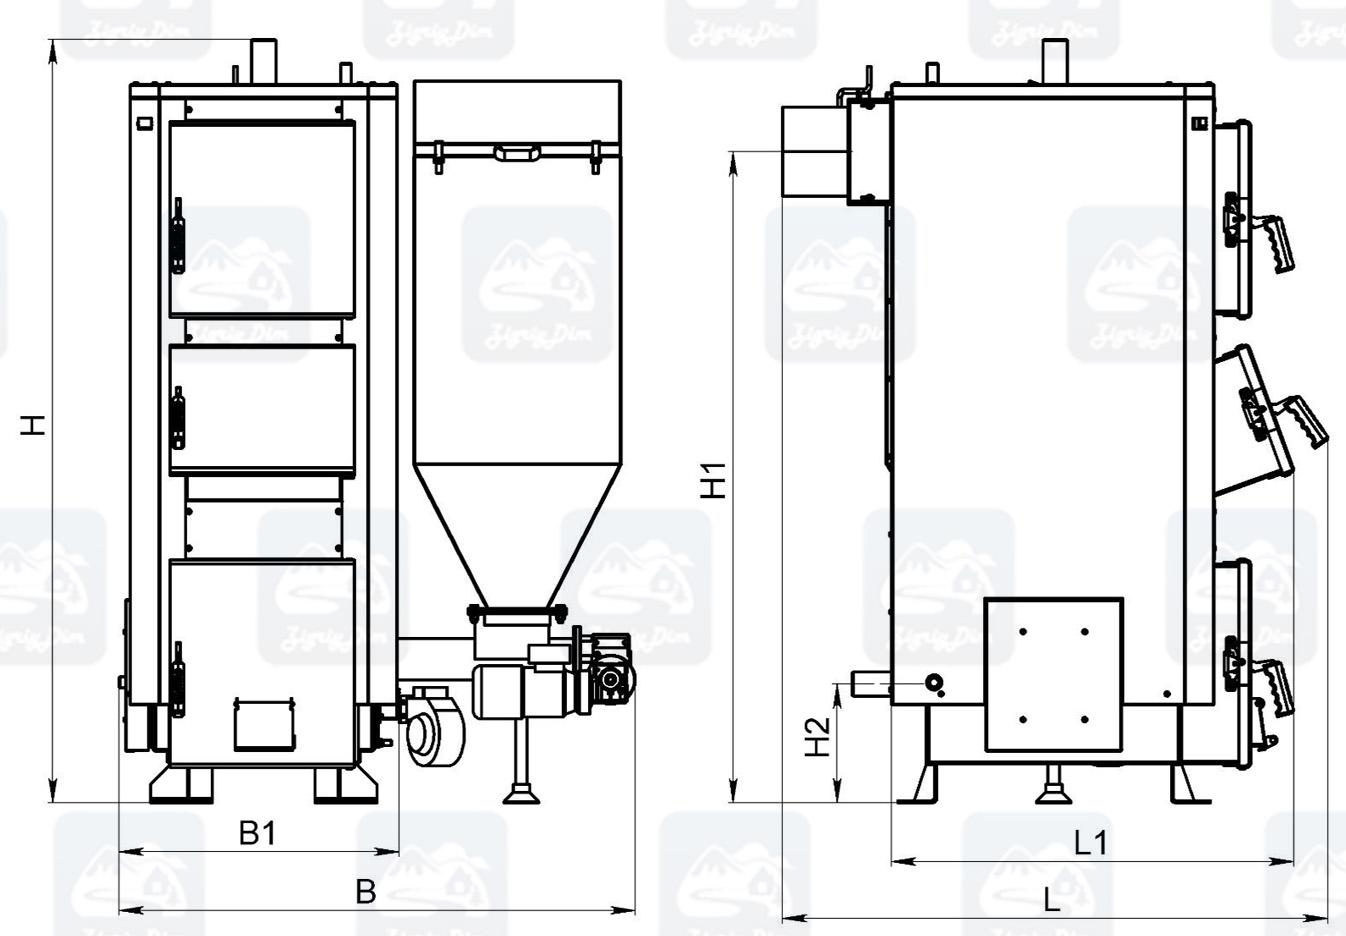 Габаритные размеры пеллетного котла с автоматической подачей топлива Kronas Combi